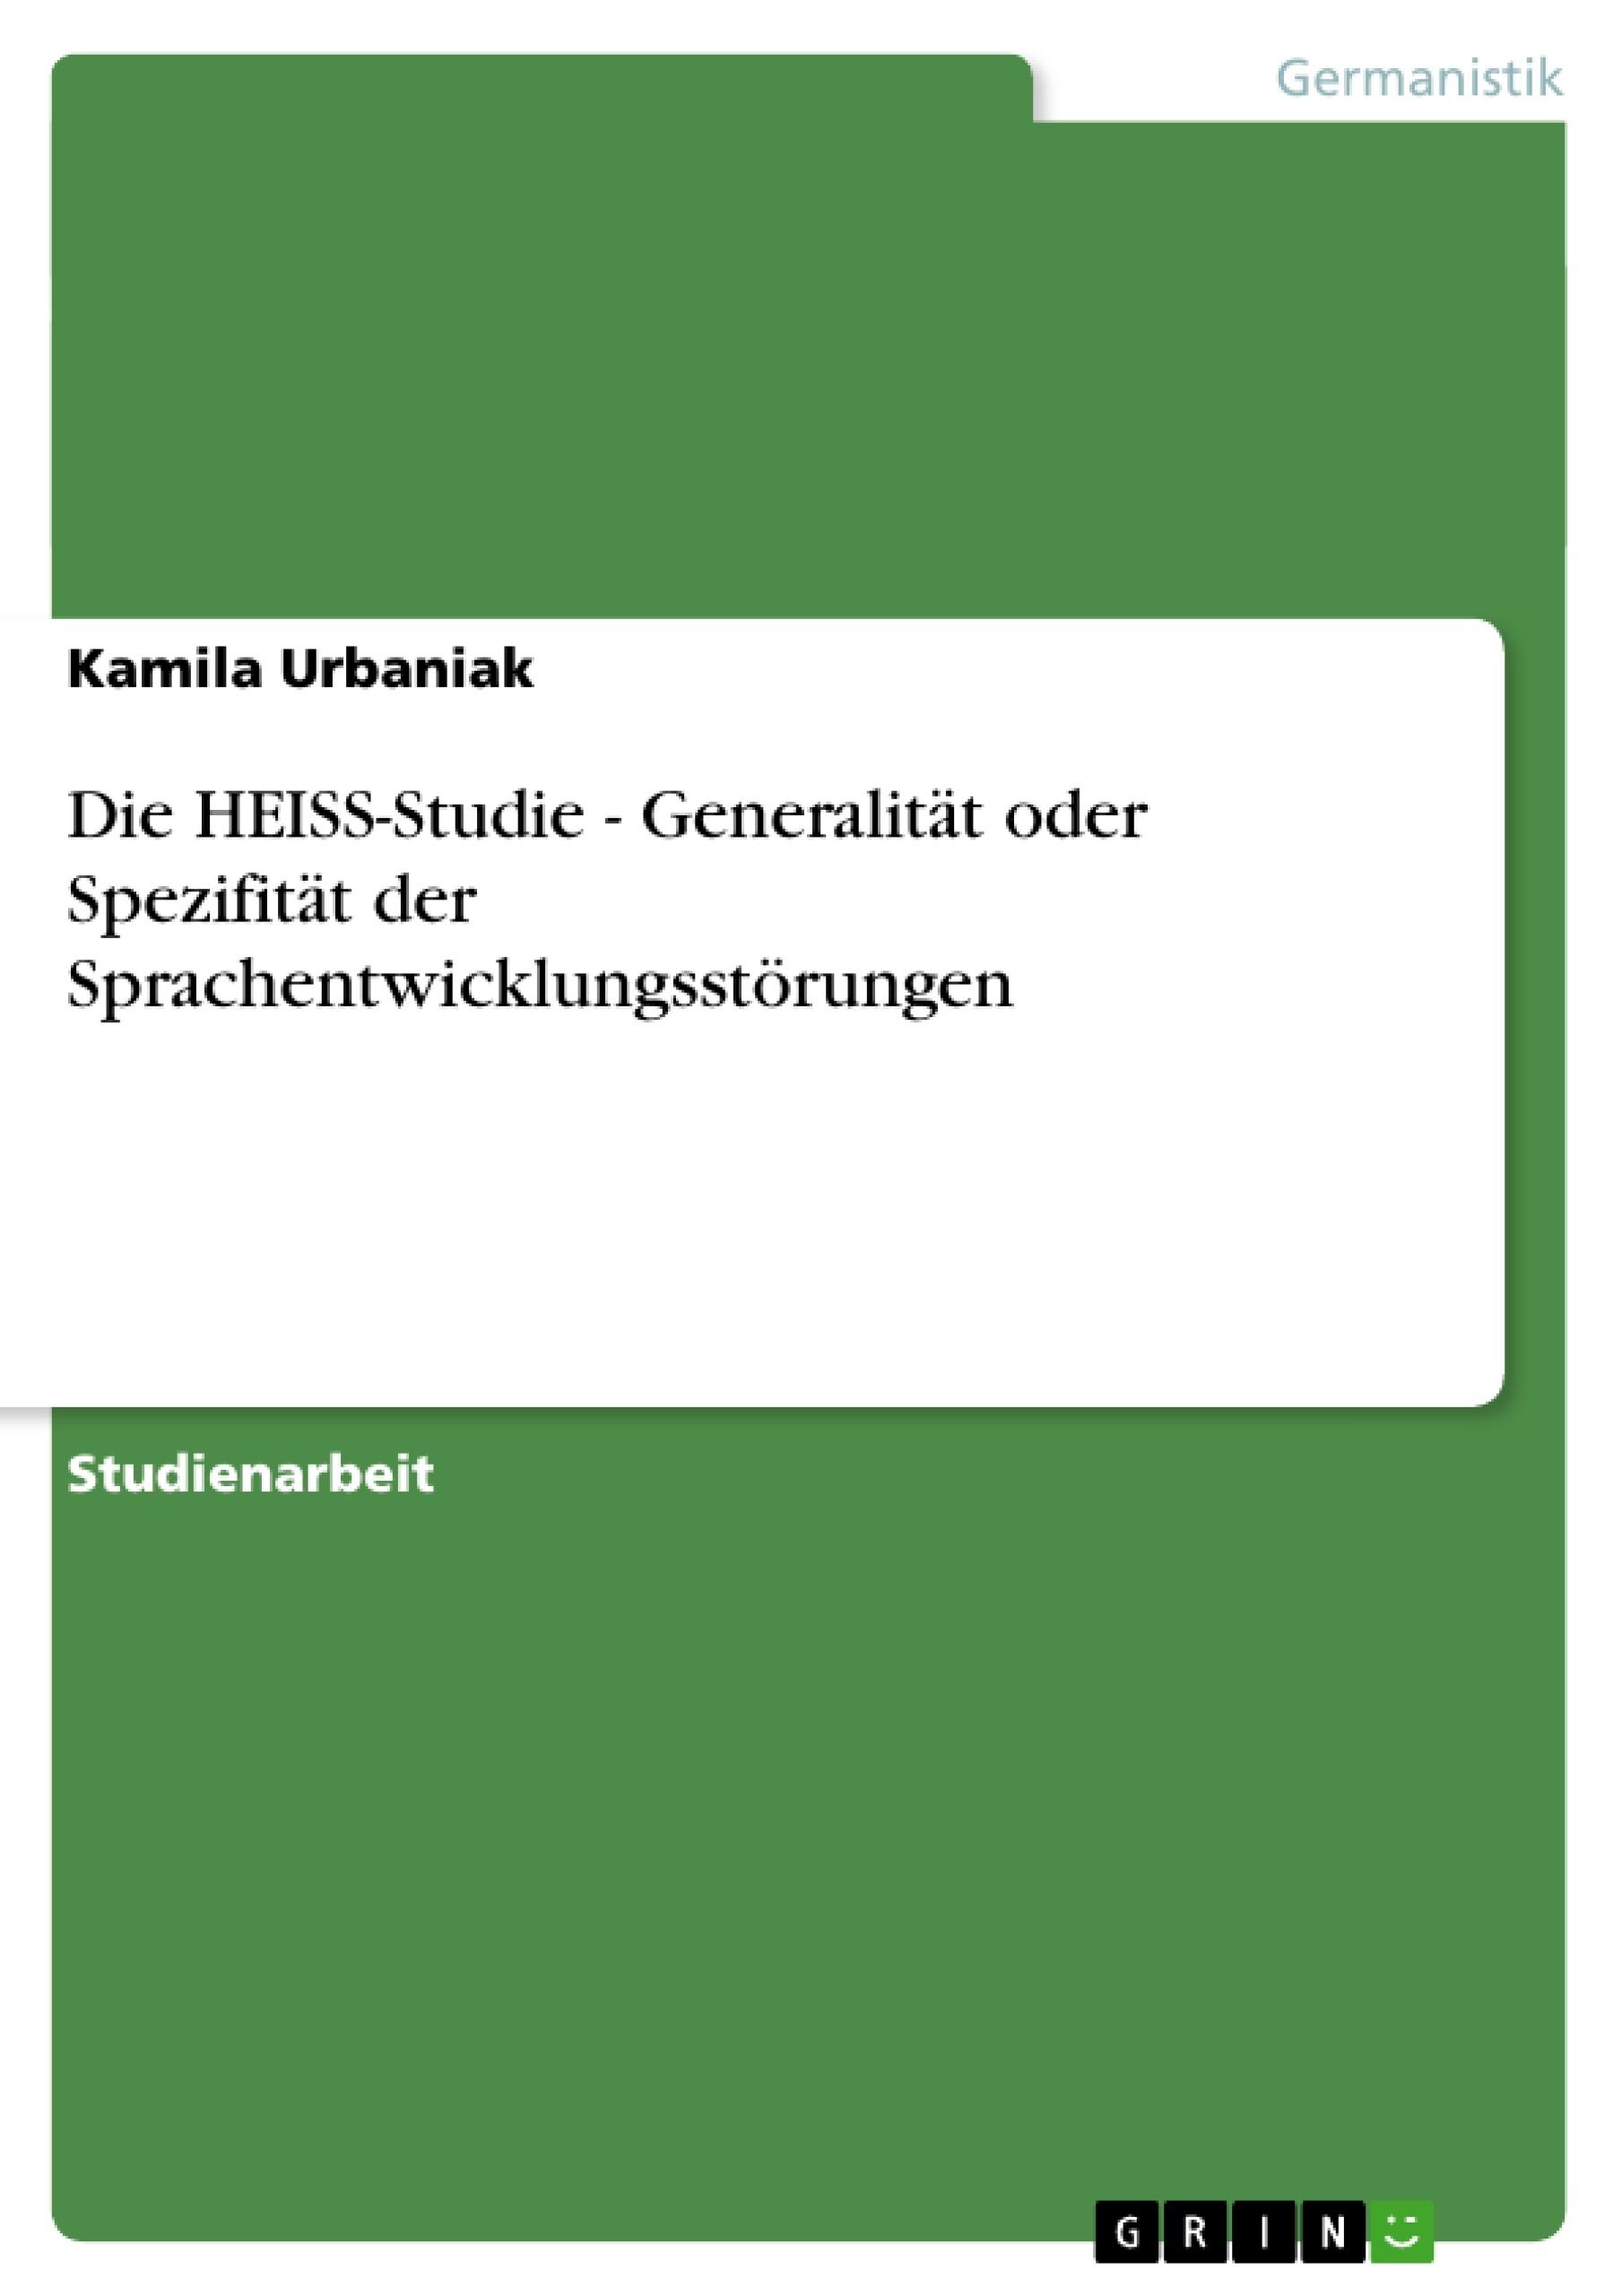 Titel: Die HEISS-Studie - Generalität oder Spezifität der Sprachentwicklungsstörungen